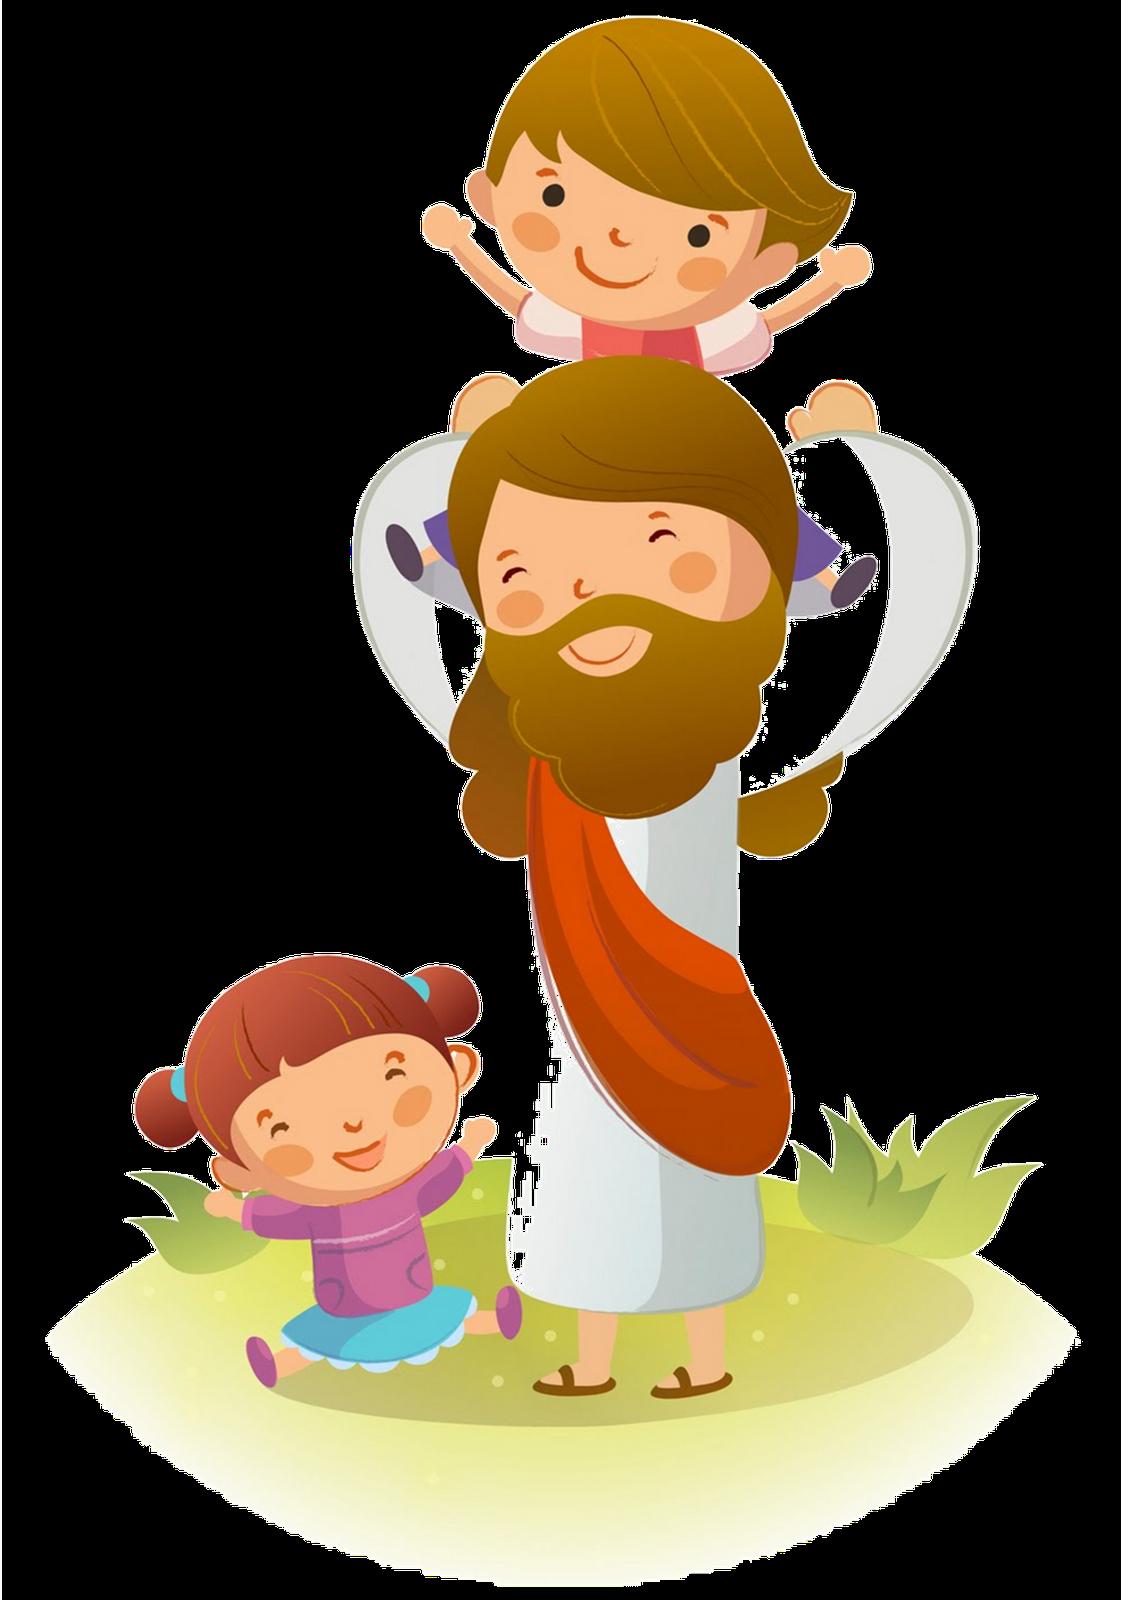 Christmas baby jesus clipart png royalty free stock jesus en la cruz animado - Buscar con Google | Católicos 1 ... png royalty free stock